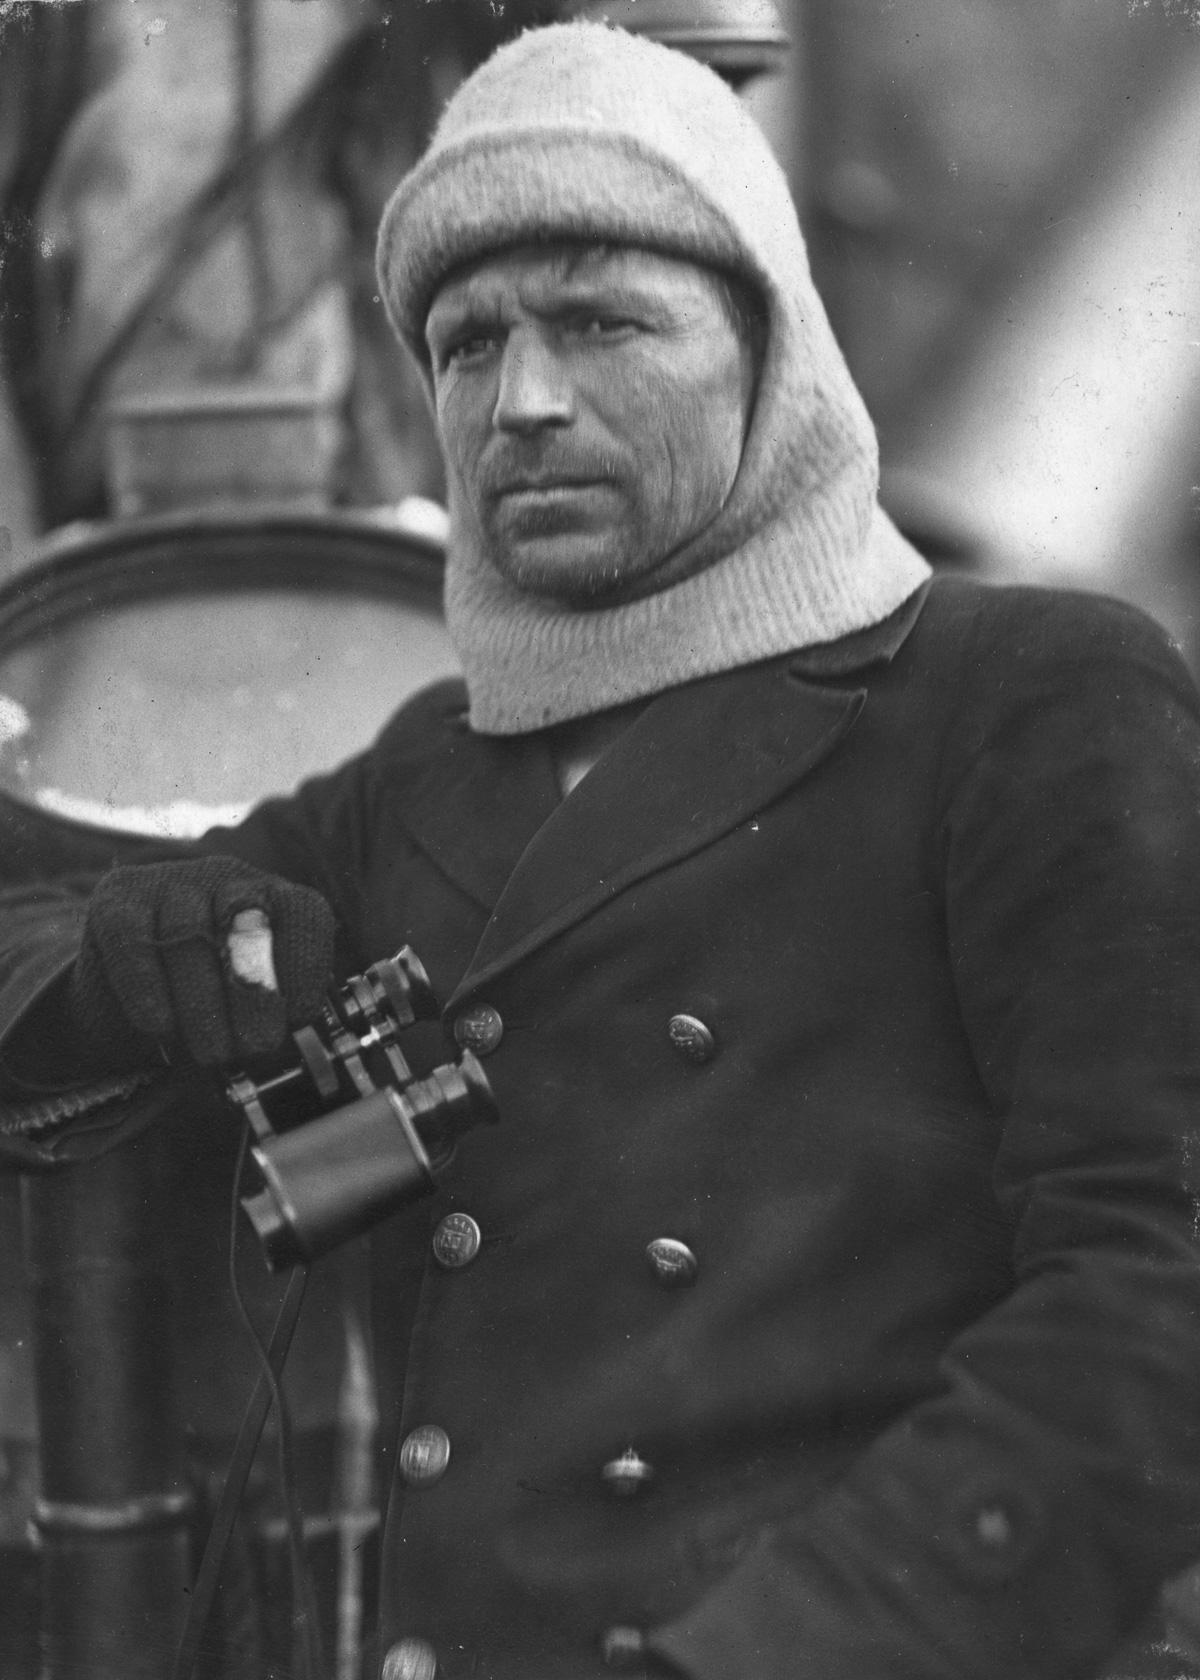 Fotografii Imperskoy transantarkticheskoy ekspeditsiey 15